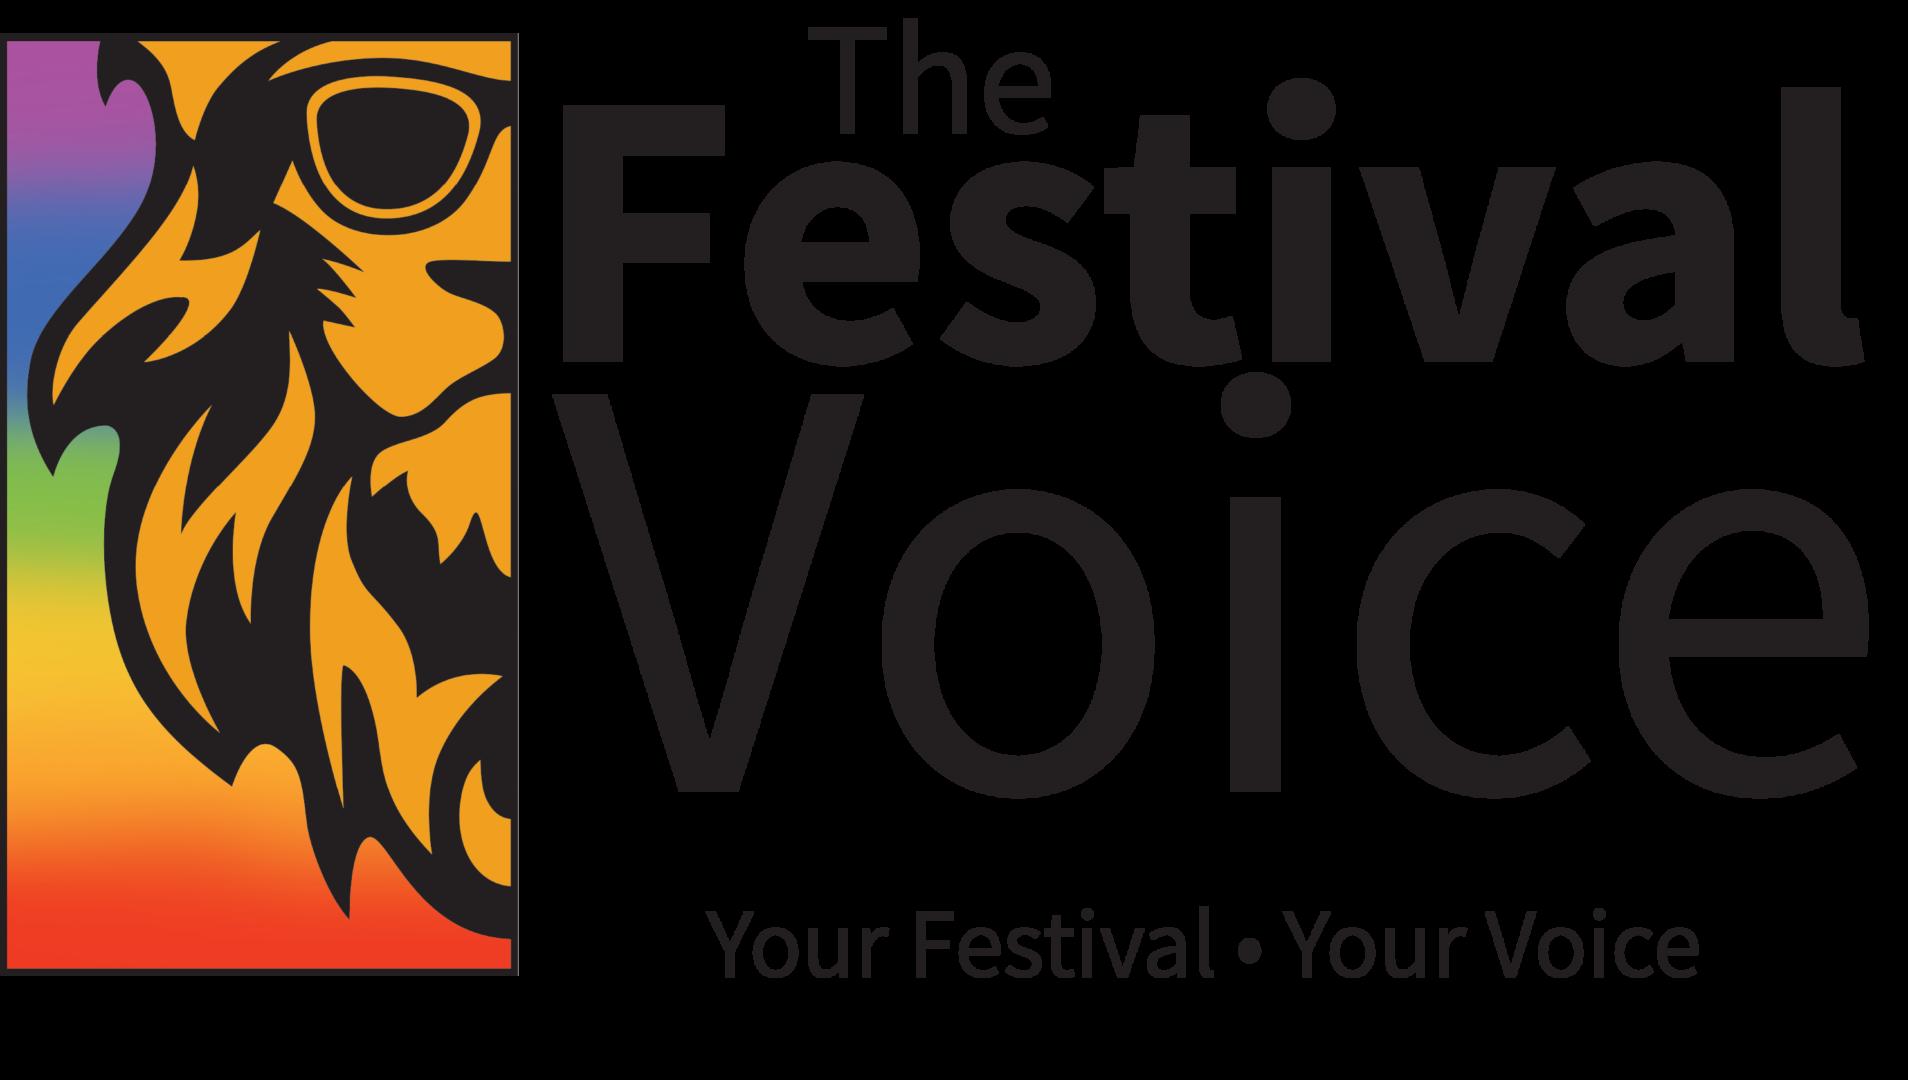 Festival Voice